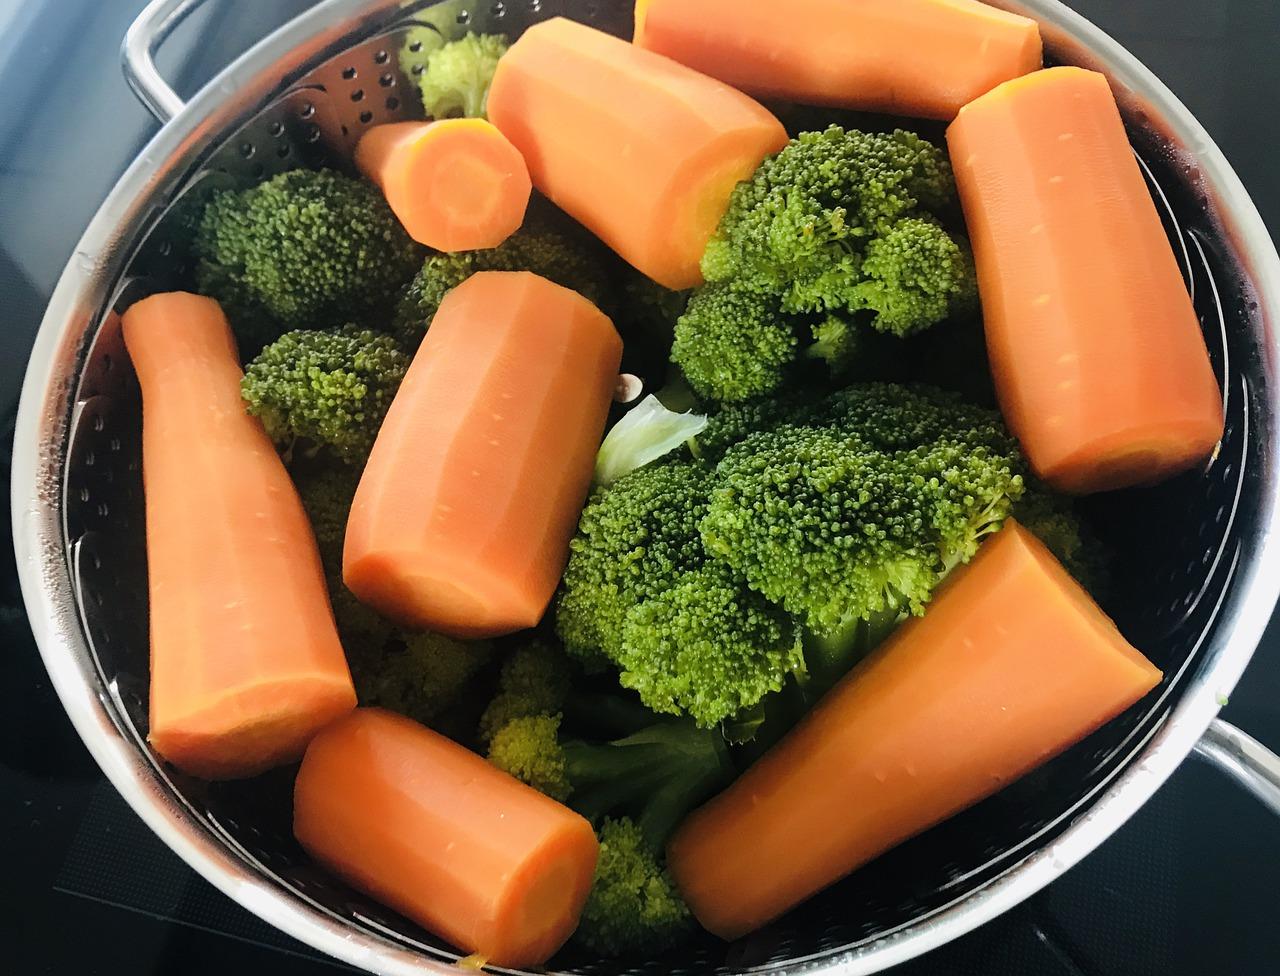 Рацион на 10 дней диеты на брокколи – основные правила проведения и рецепты блюд